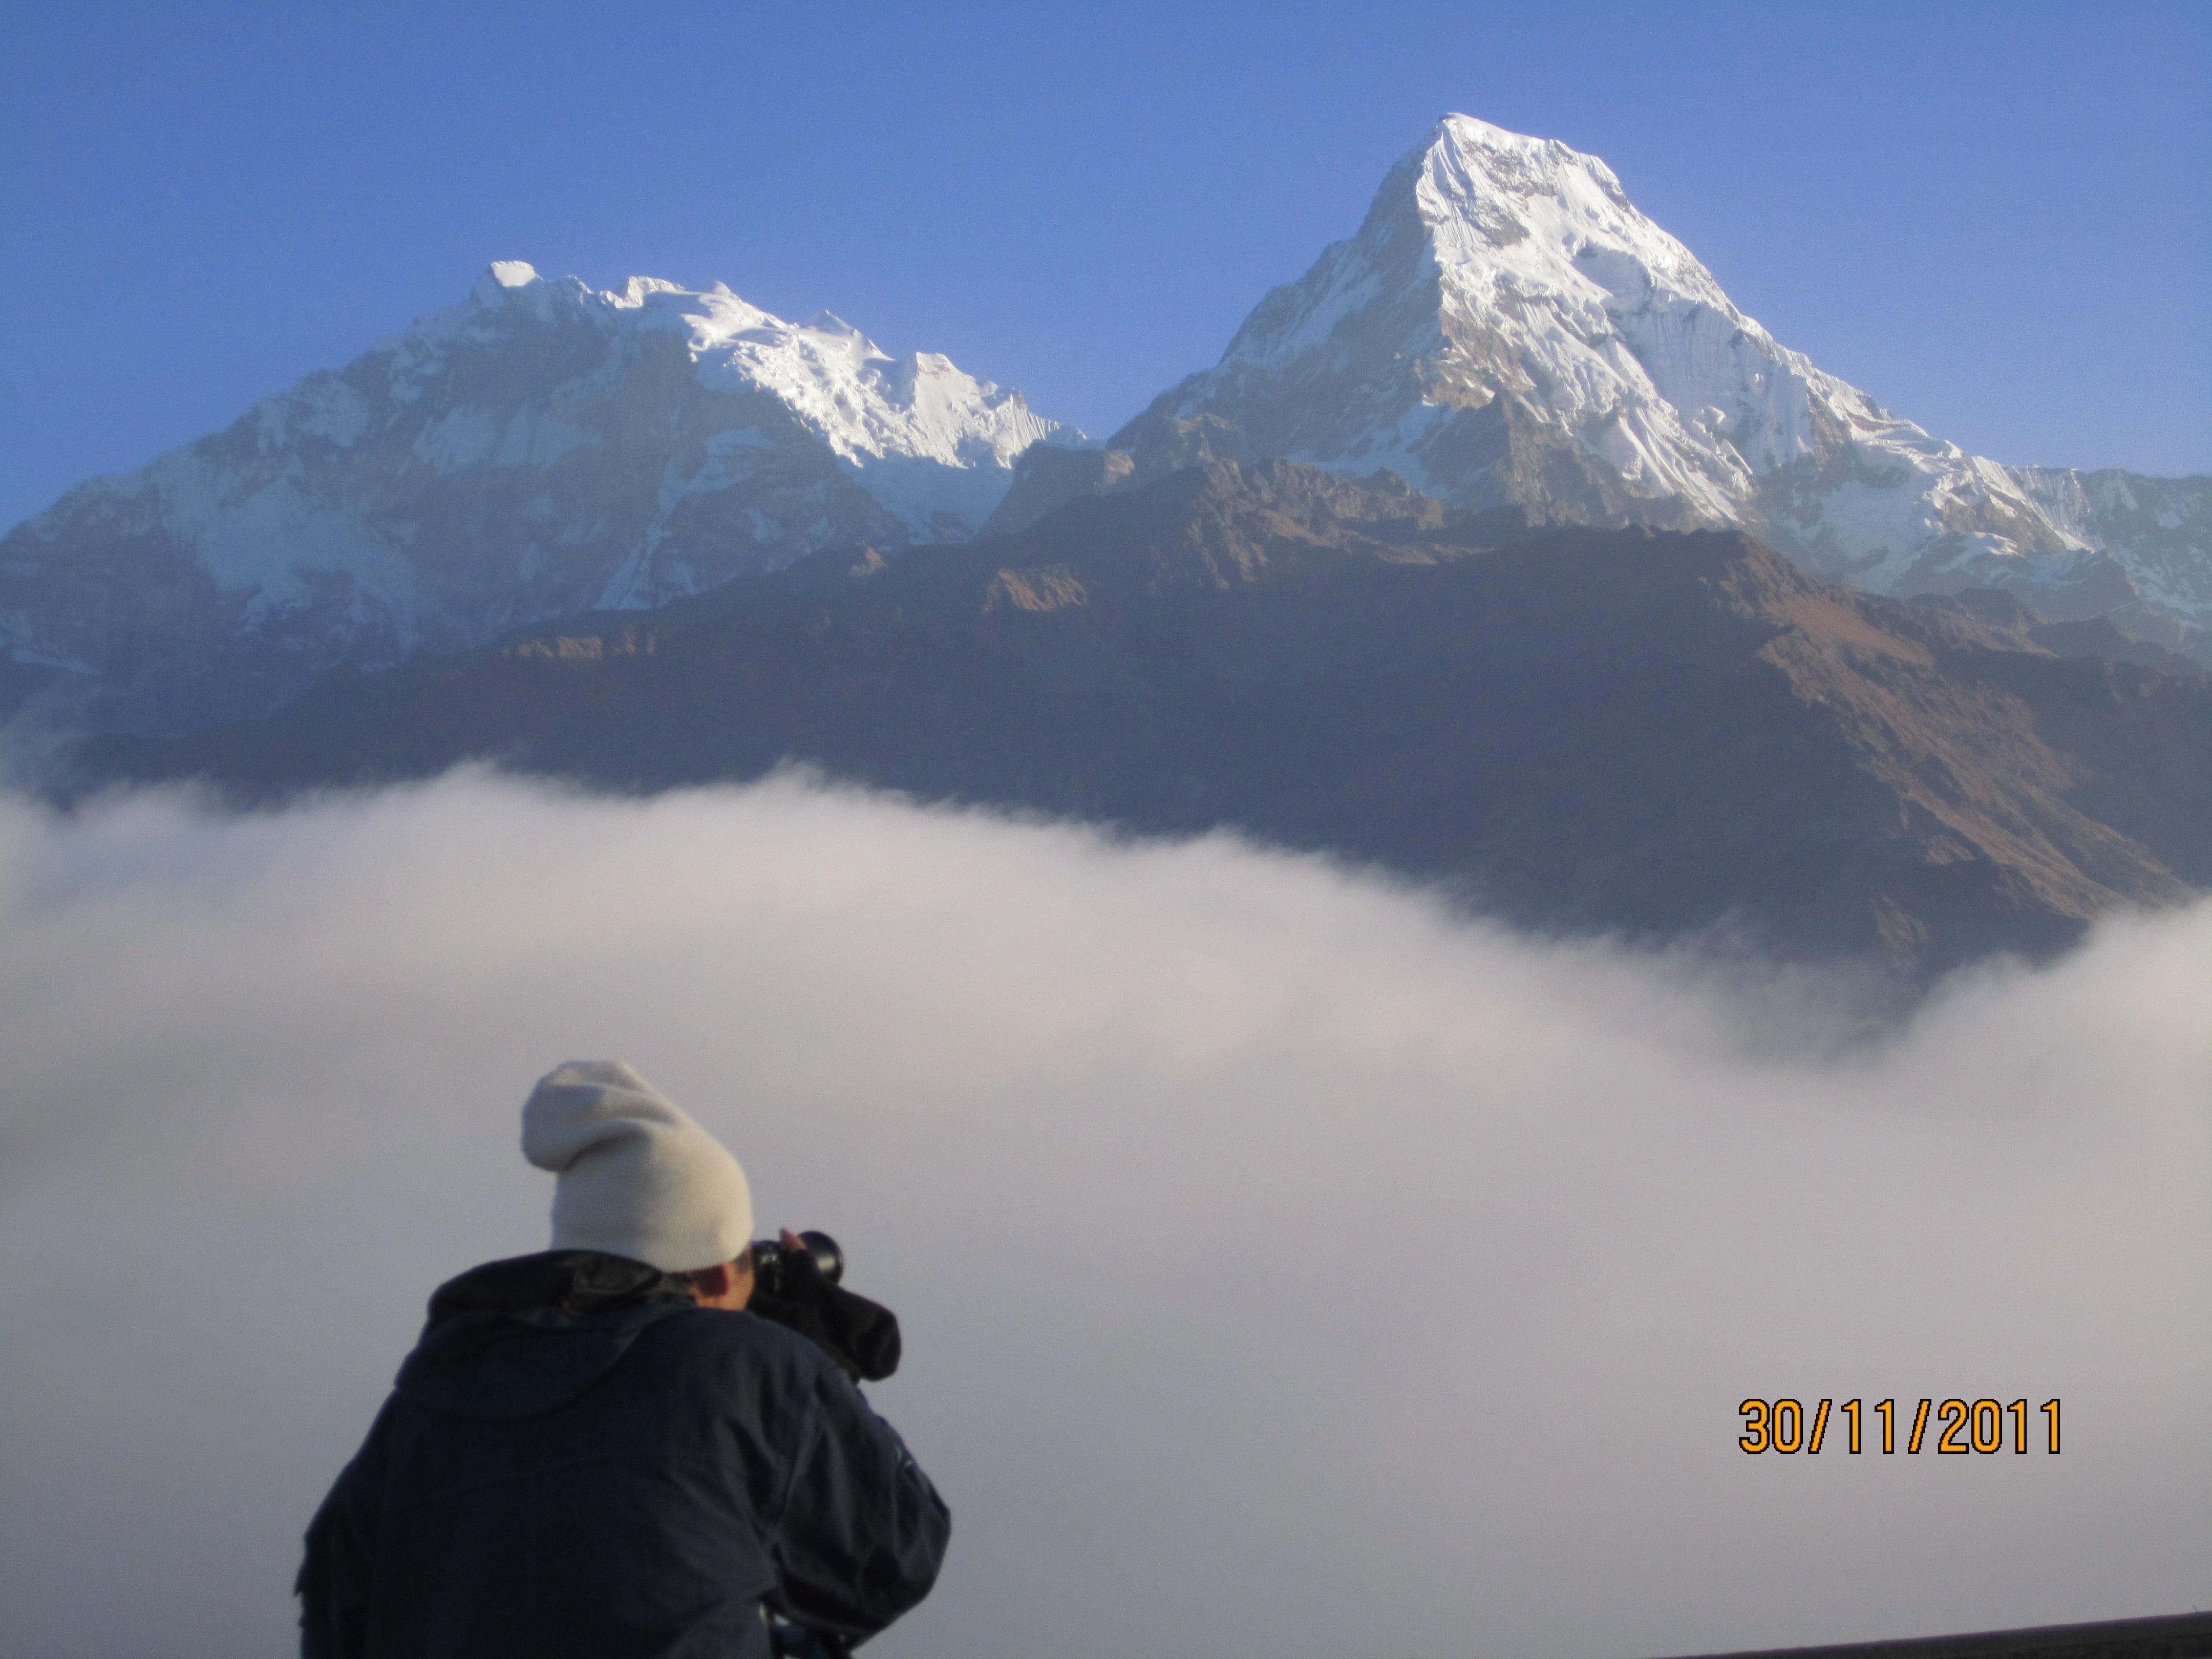 Annapurna sunrise Trek- Annapurna South